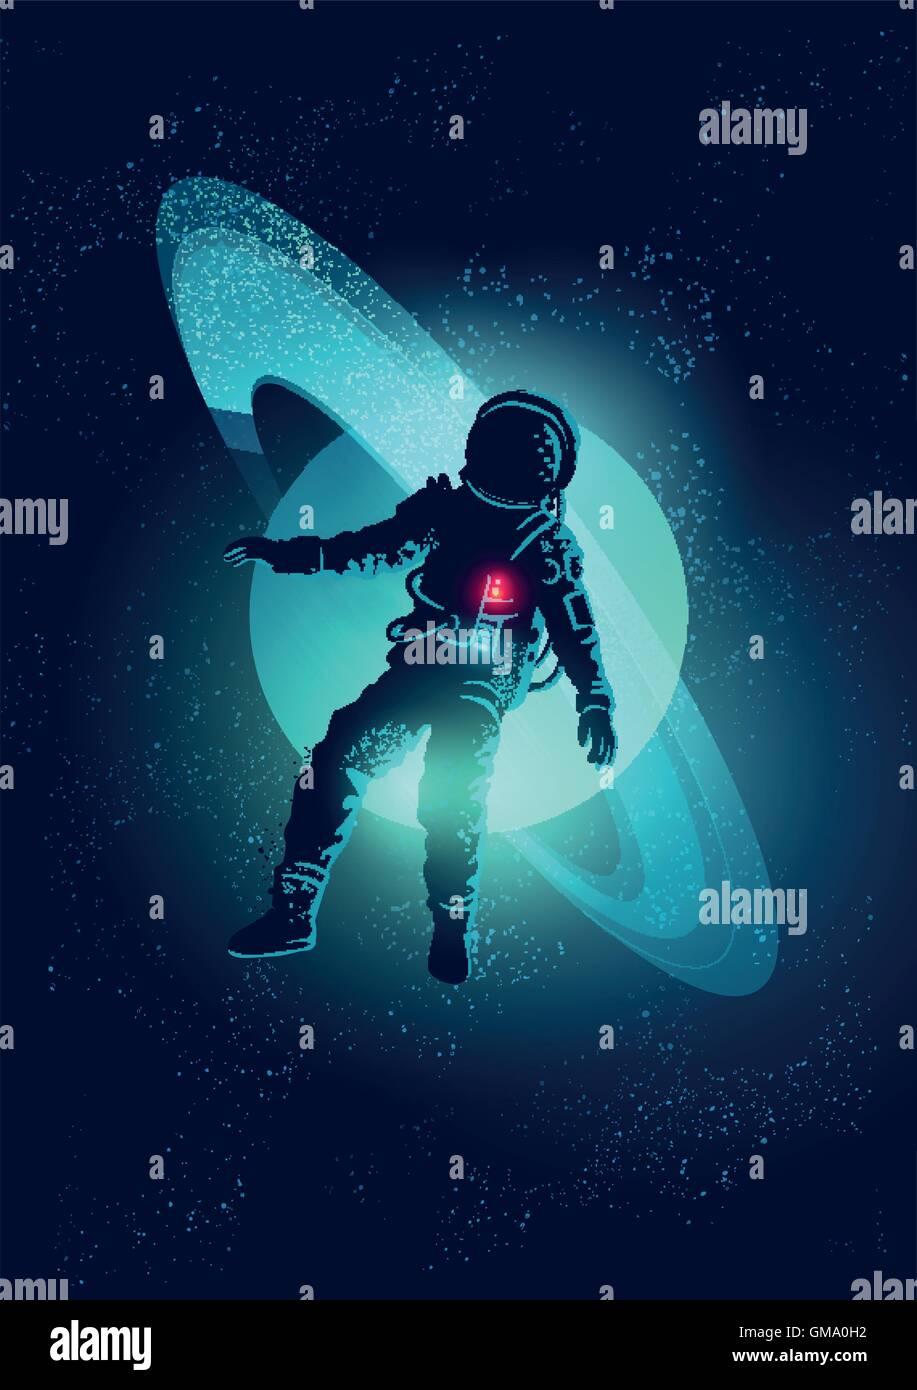 Ein Astronaut schweben durch den Raum. Vektor-illustration Stockbild